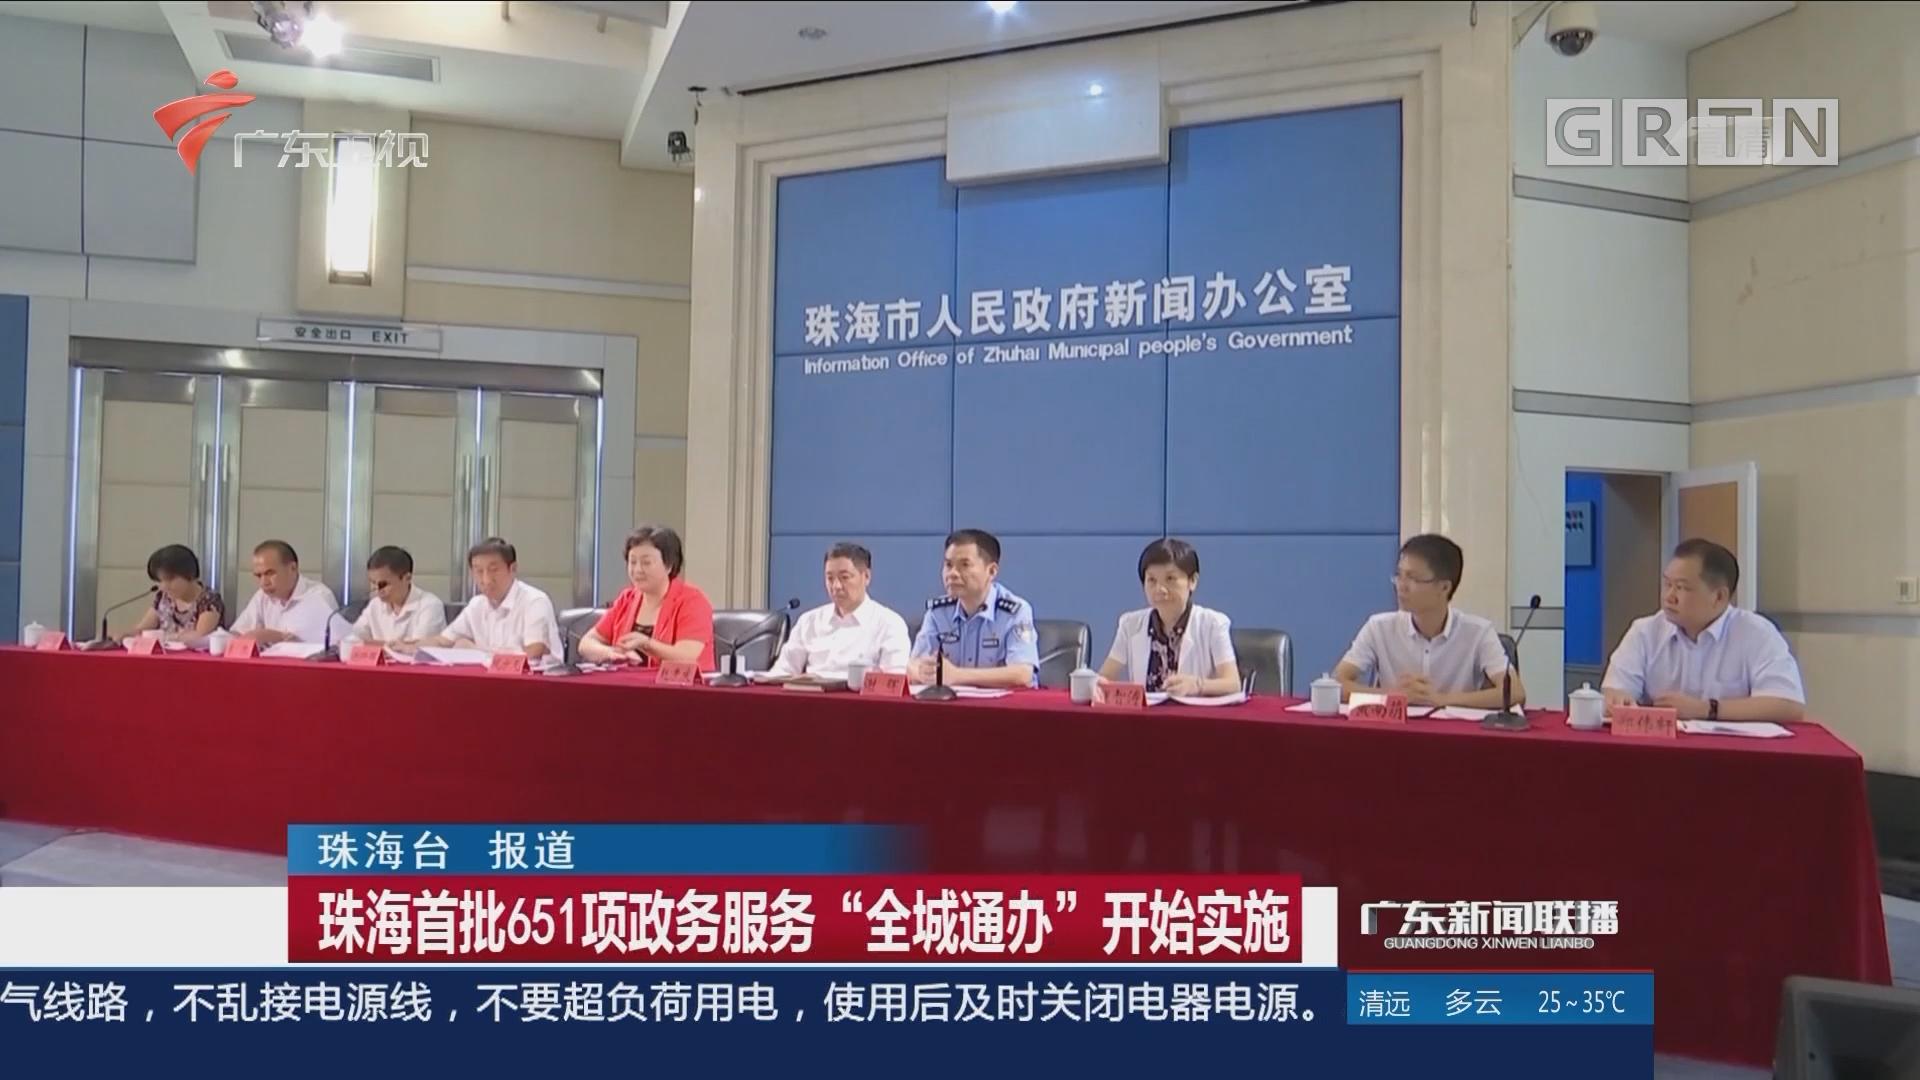 """珠海首批651项政务服务 """"全城通办""""开始实施"""